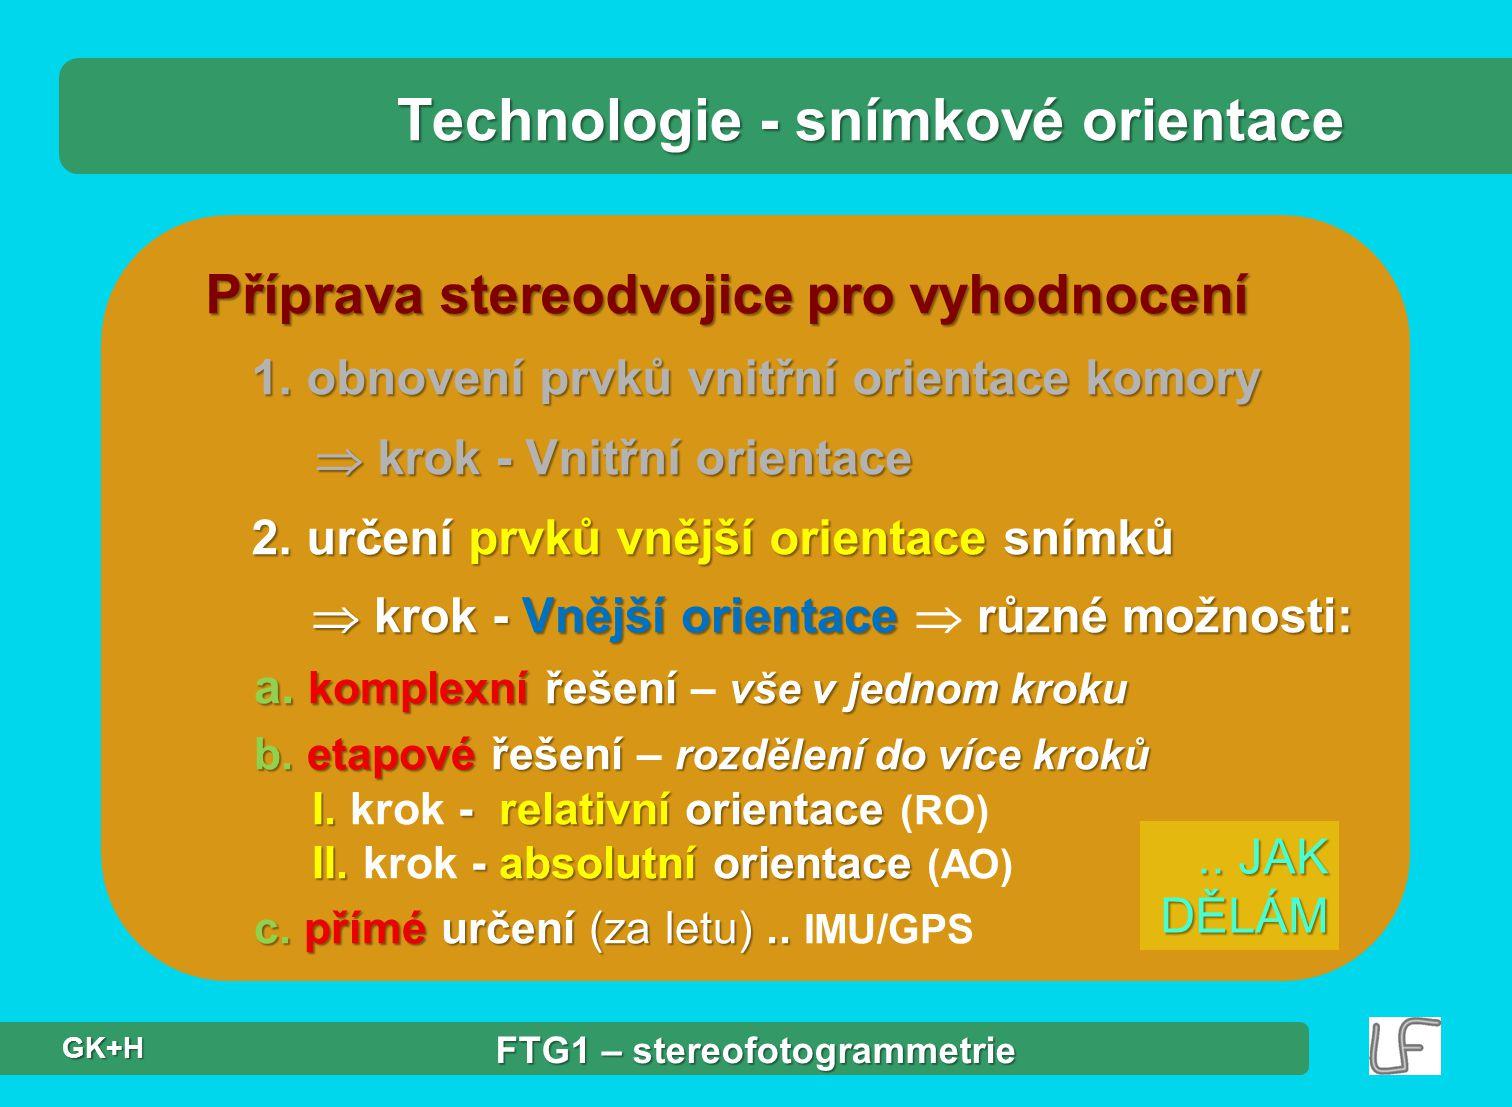 Příprava stereodvojice pro vyhodnocení 1. obnovení prvků vnitřní orientace komory  krok - Vnitřní orientace  krok - Vnitřní orientace 2. určení prvk